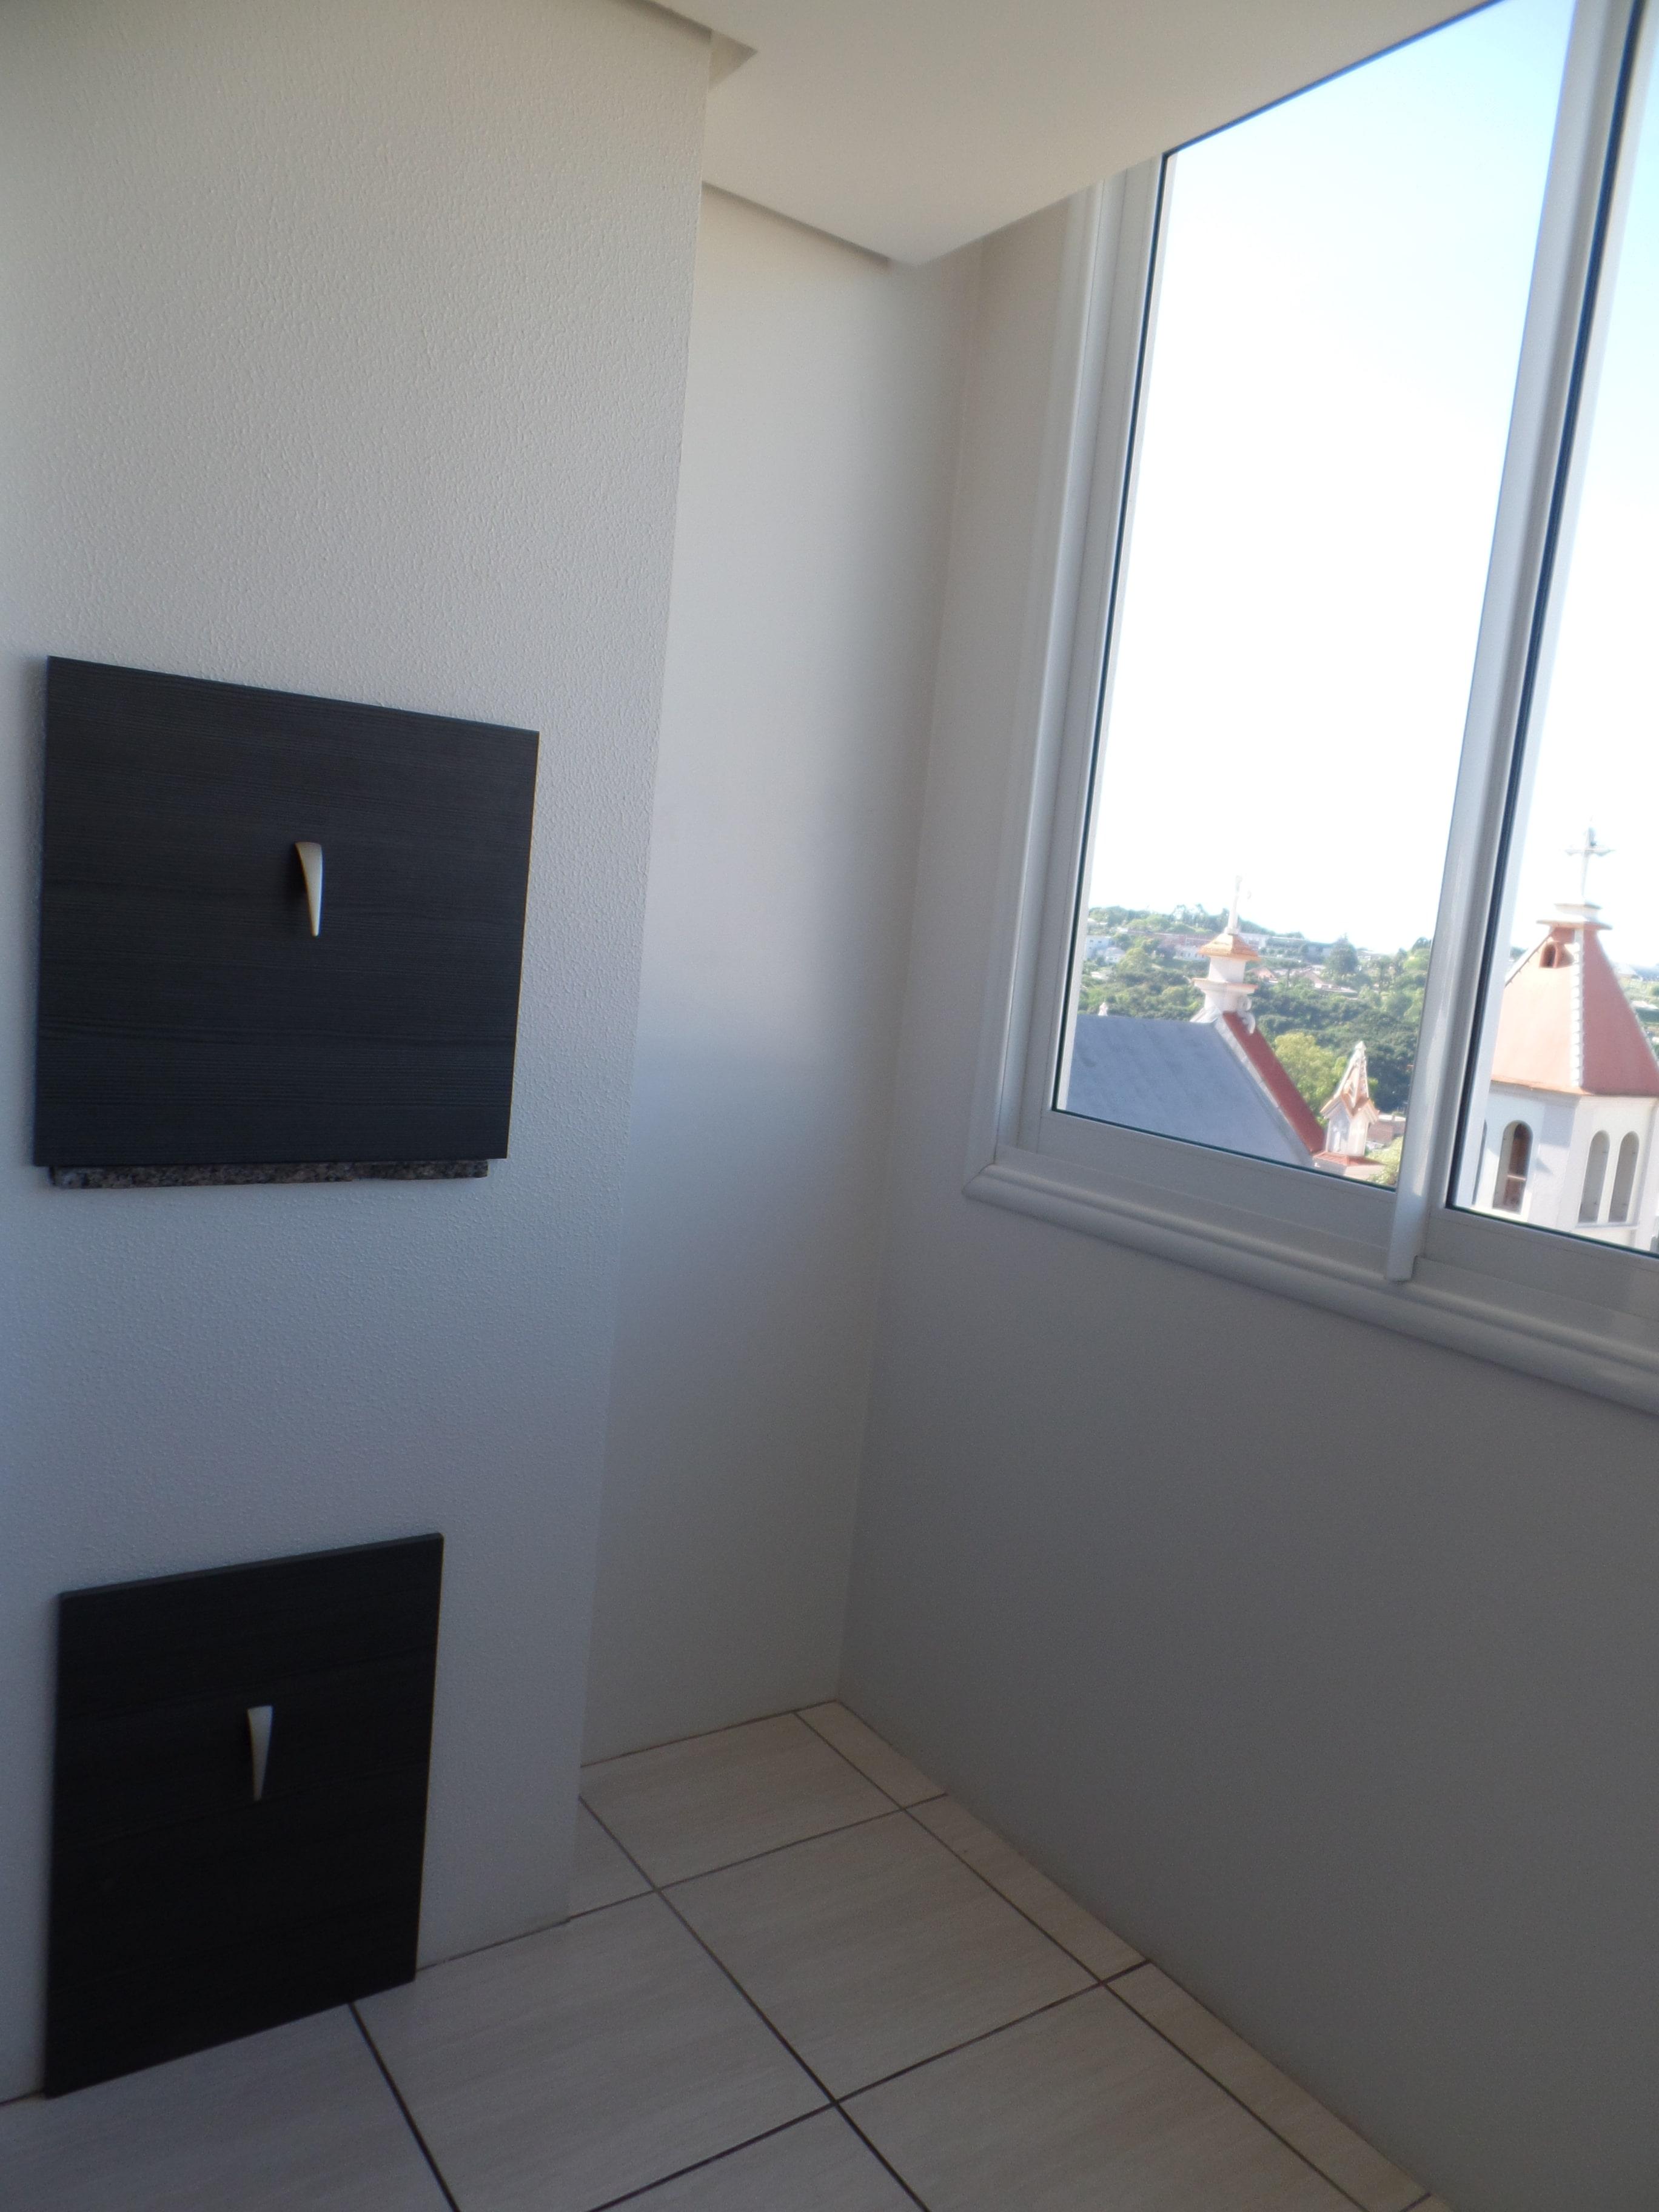 Apto 2 quartos, 88.5 m²  no bairro NOVA VICENZA em FARROUPILHA/RS - Loja Imobiliária o seu portal de imóveis para alugar, aluguel e locação